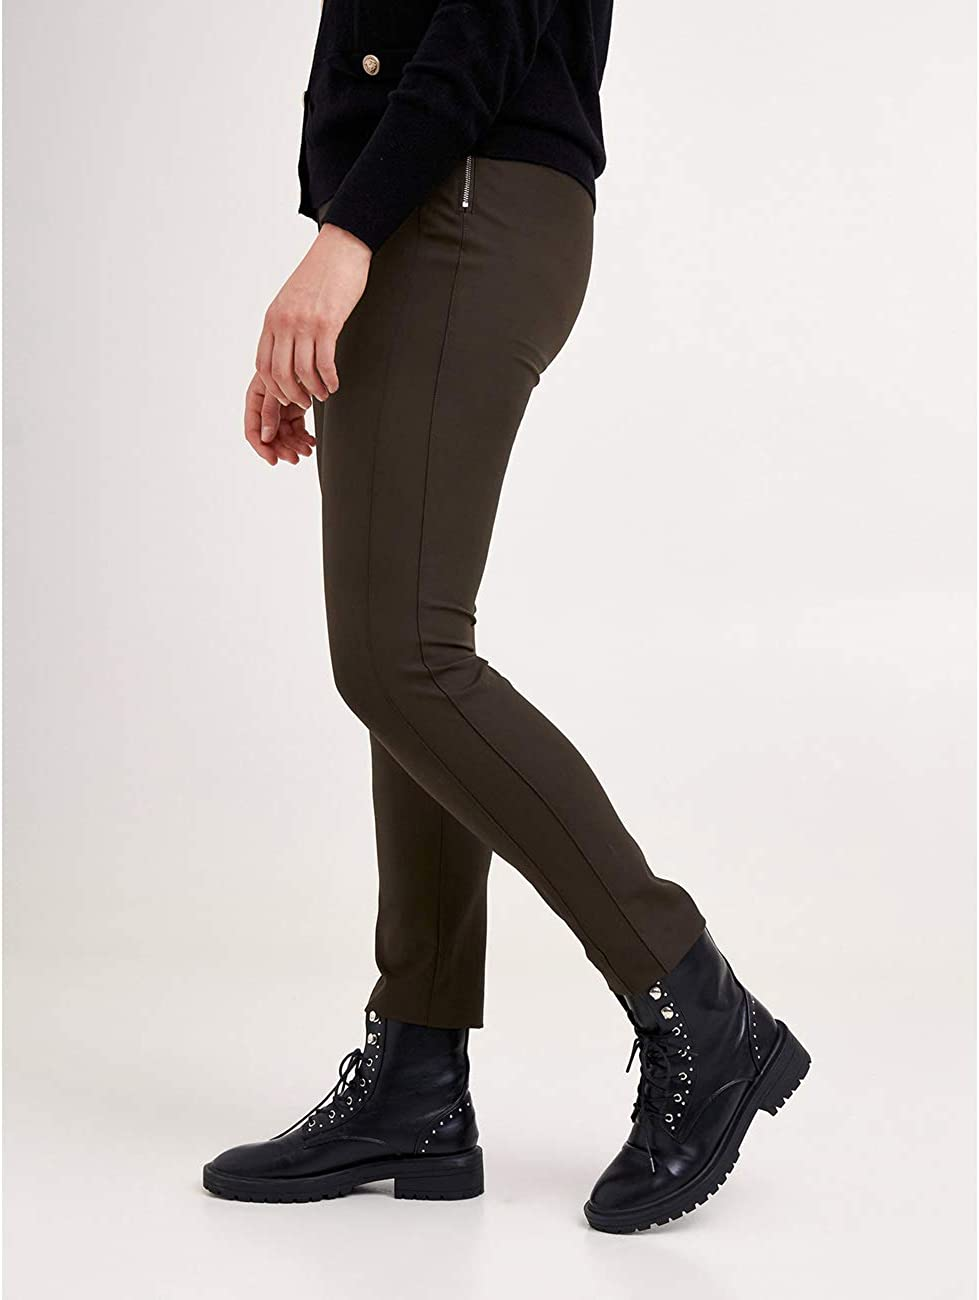 Pantaloni Skinny con Zip sul Fianco Italian Plus Size Fiorella Rubino